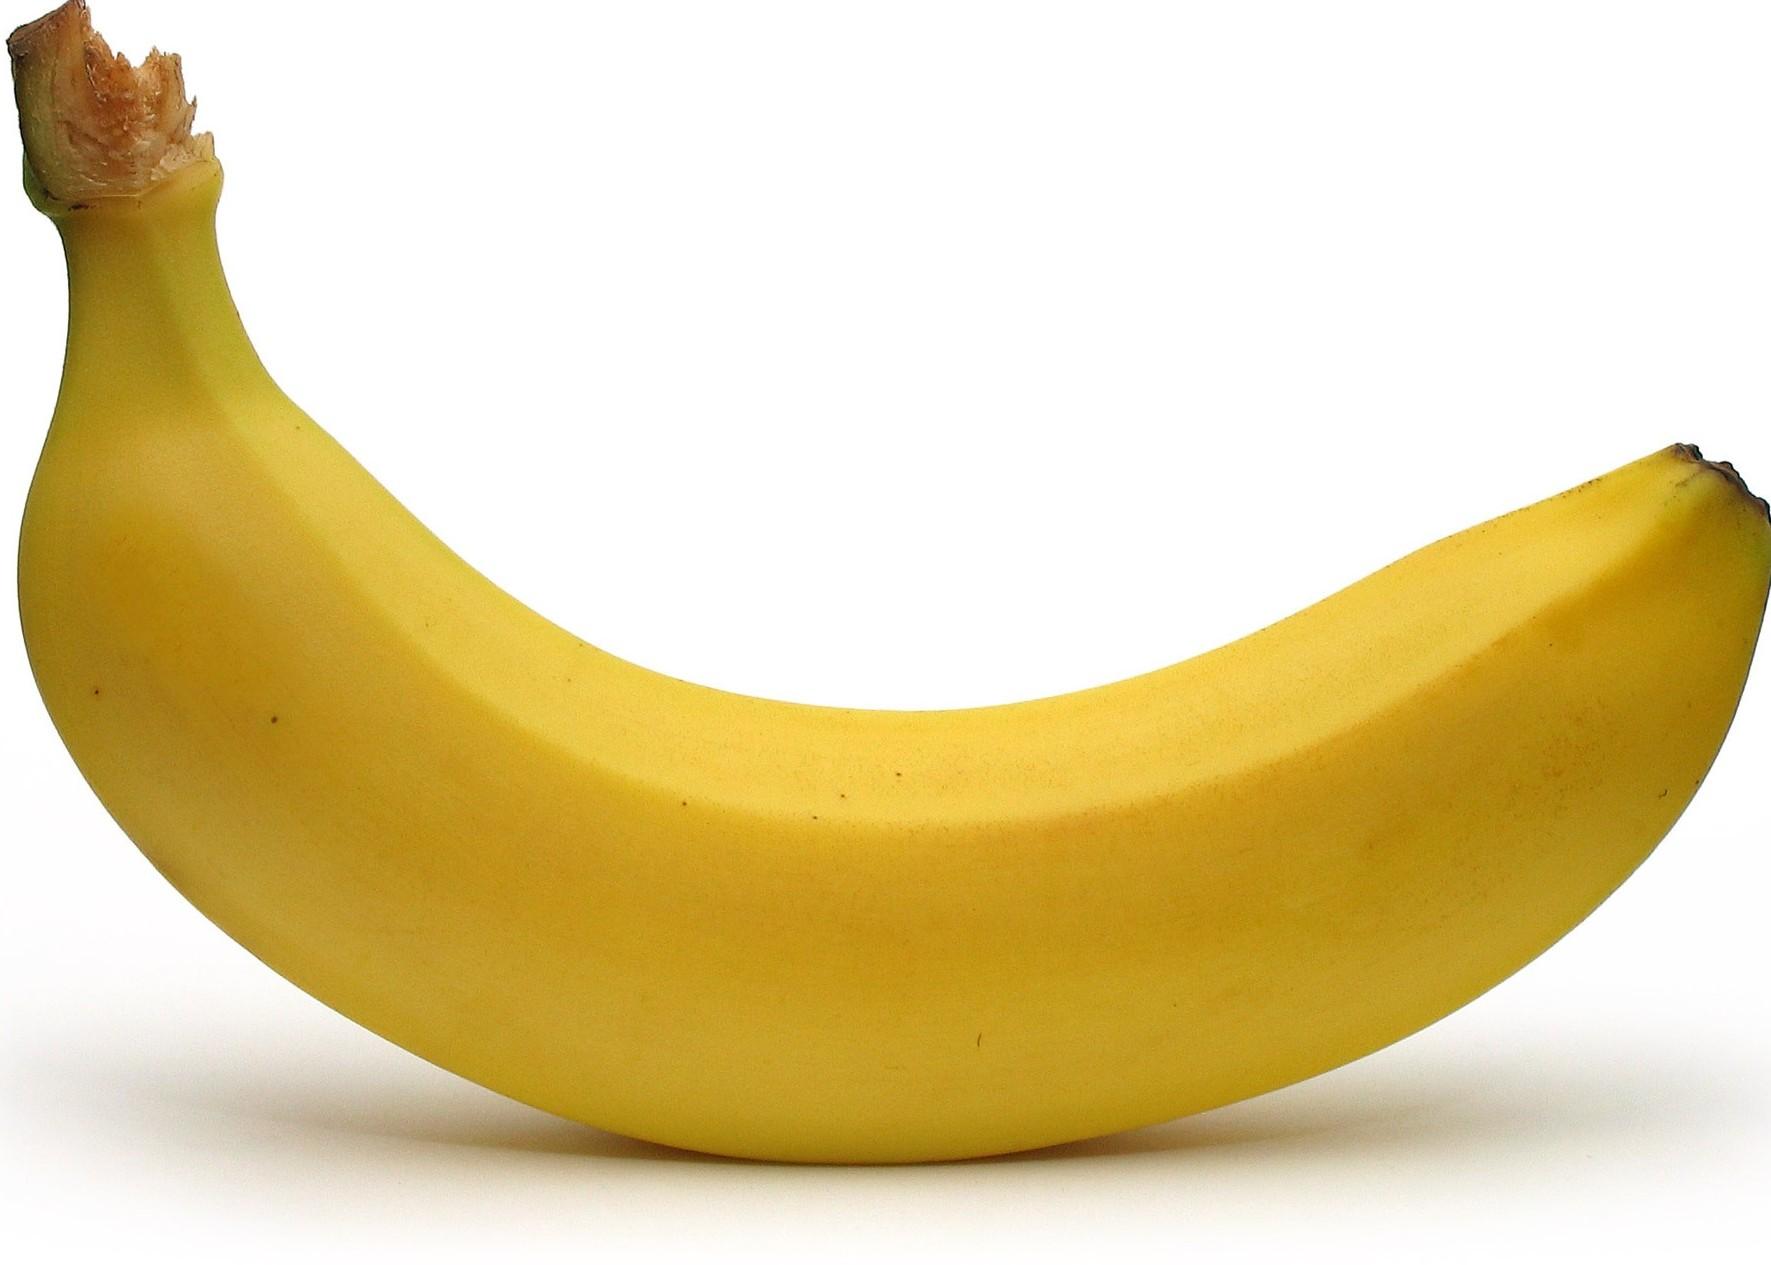 Banana k